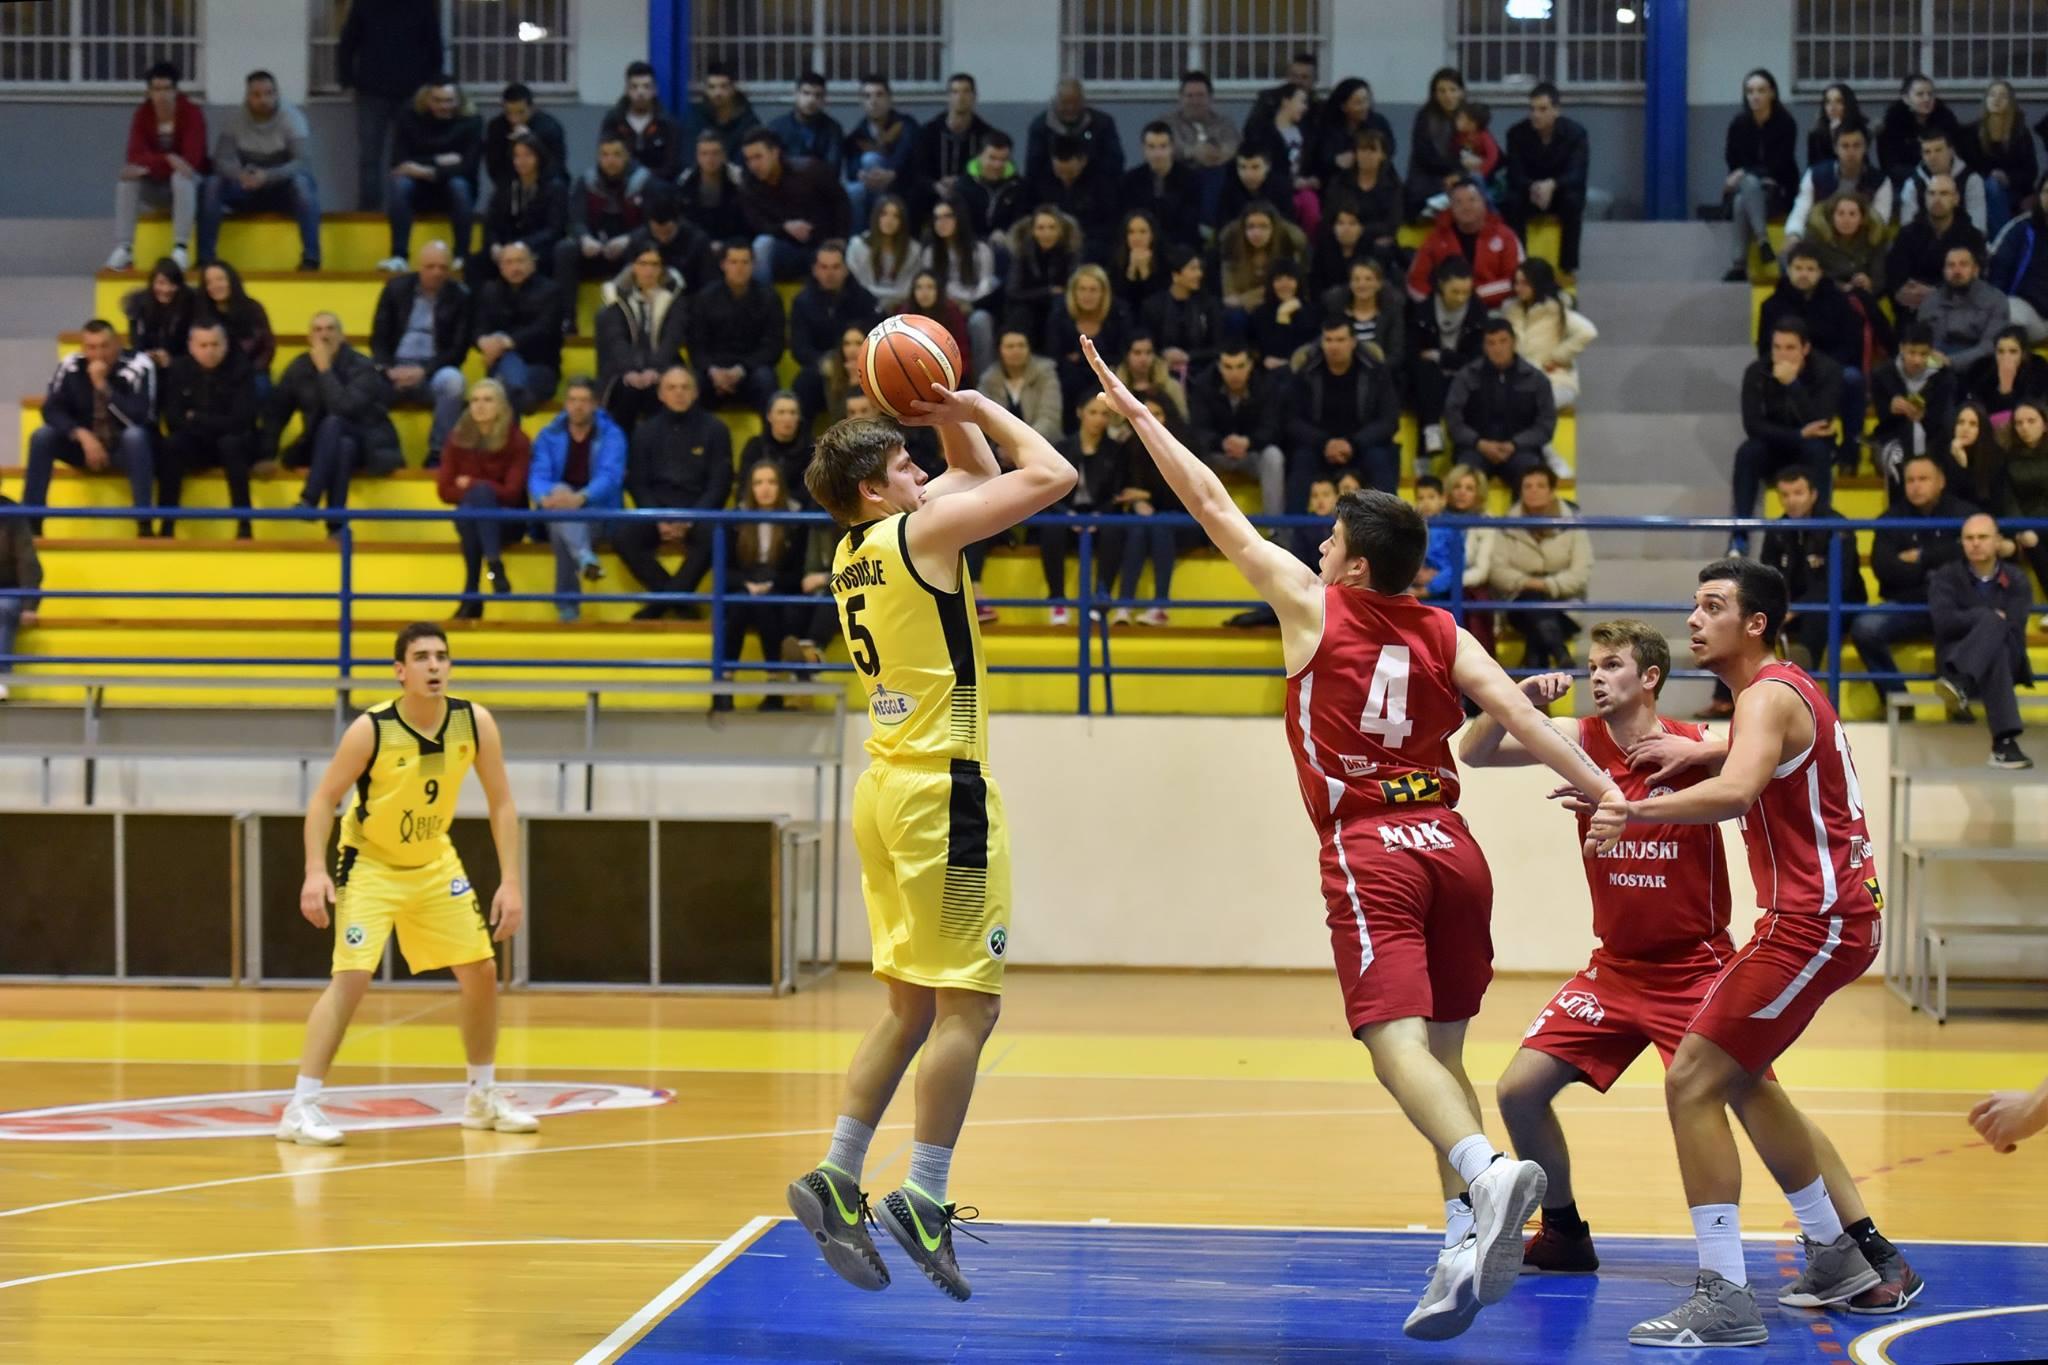 Košarkaši Posušja slavili pred domaćom publikom